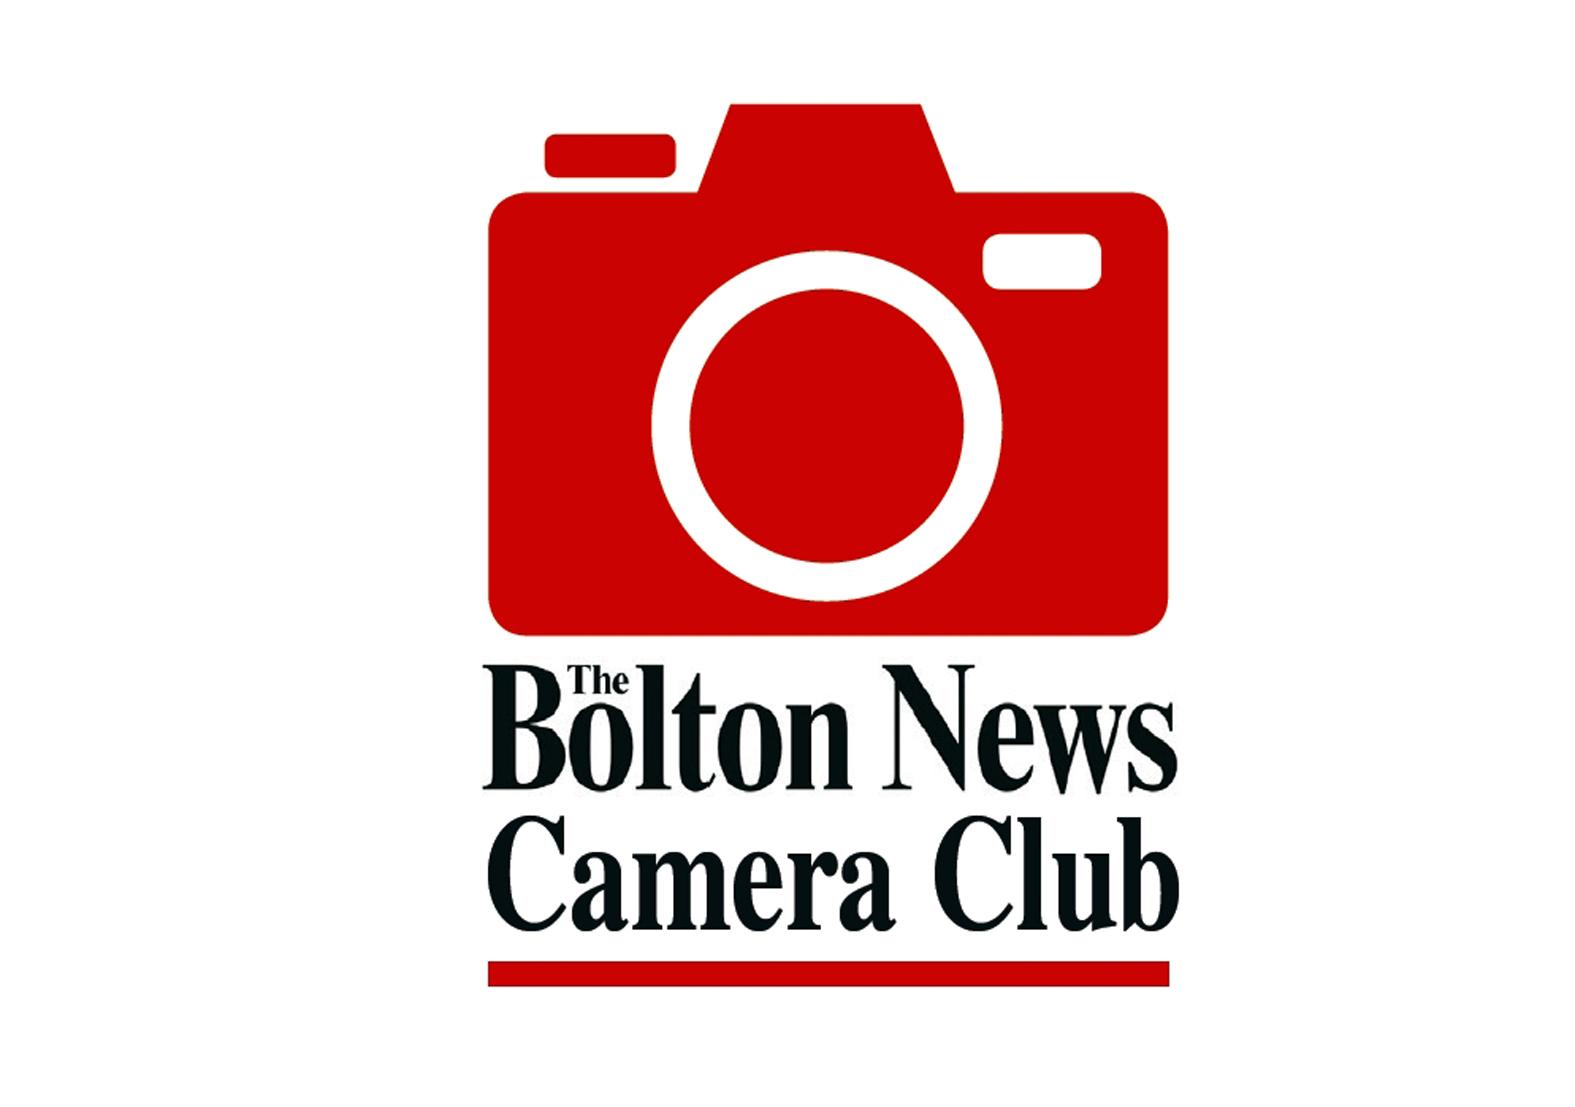 photographers for camera Amateur clubs amateur